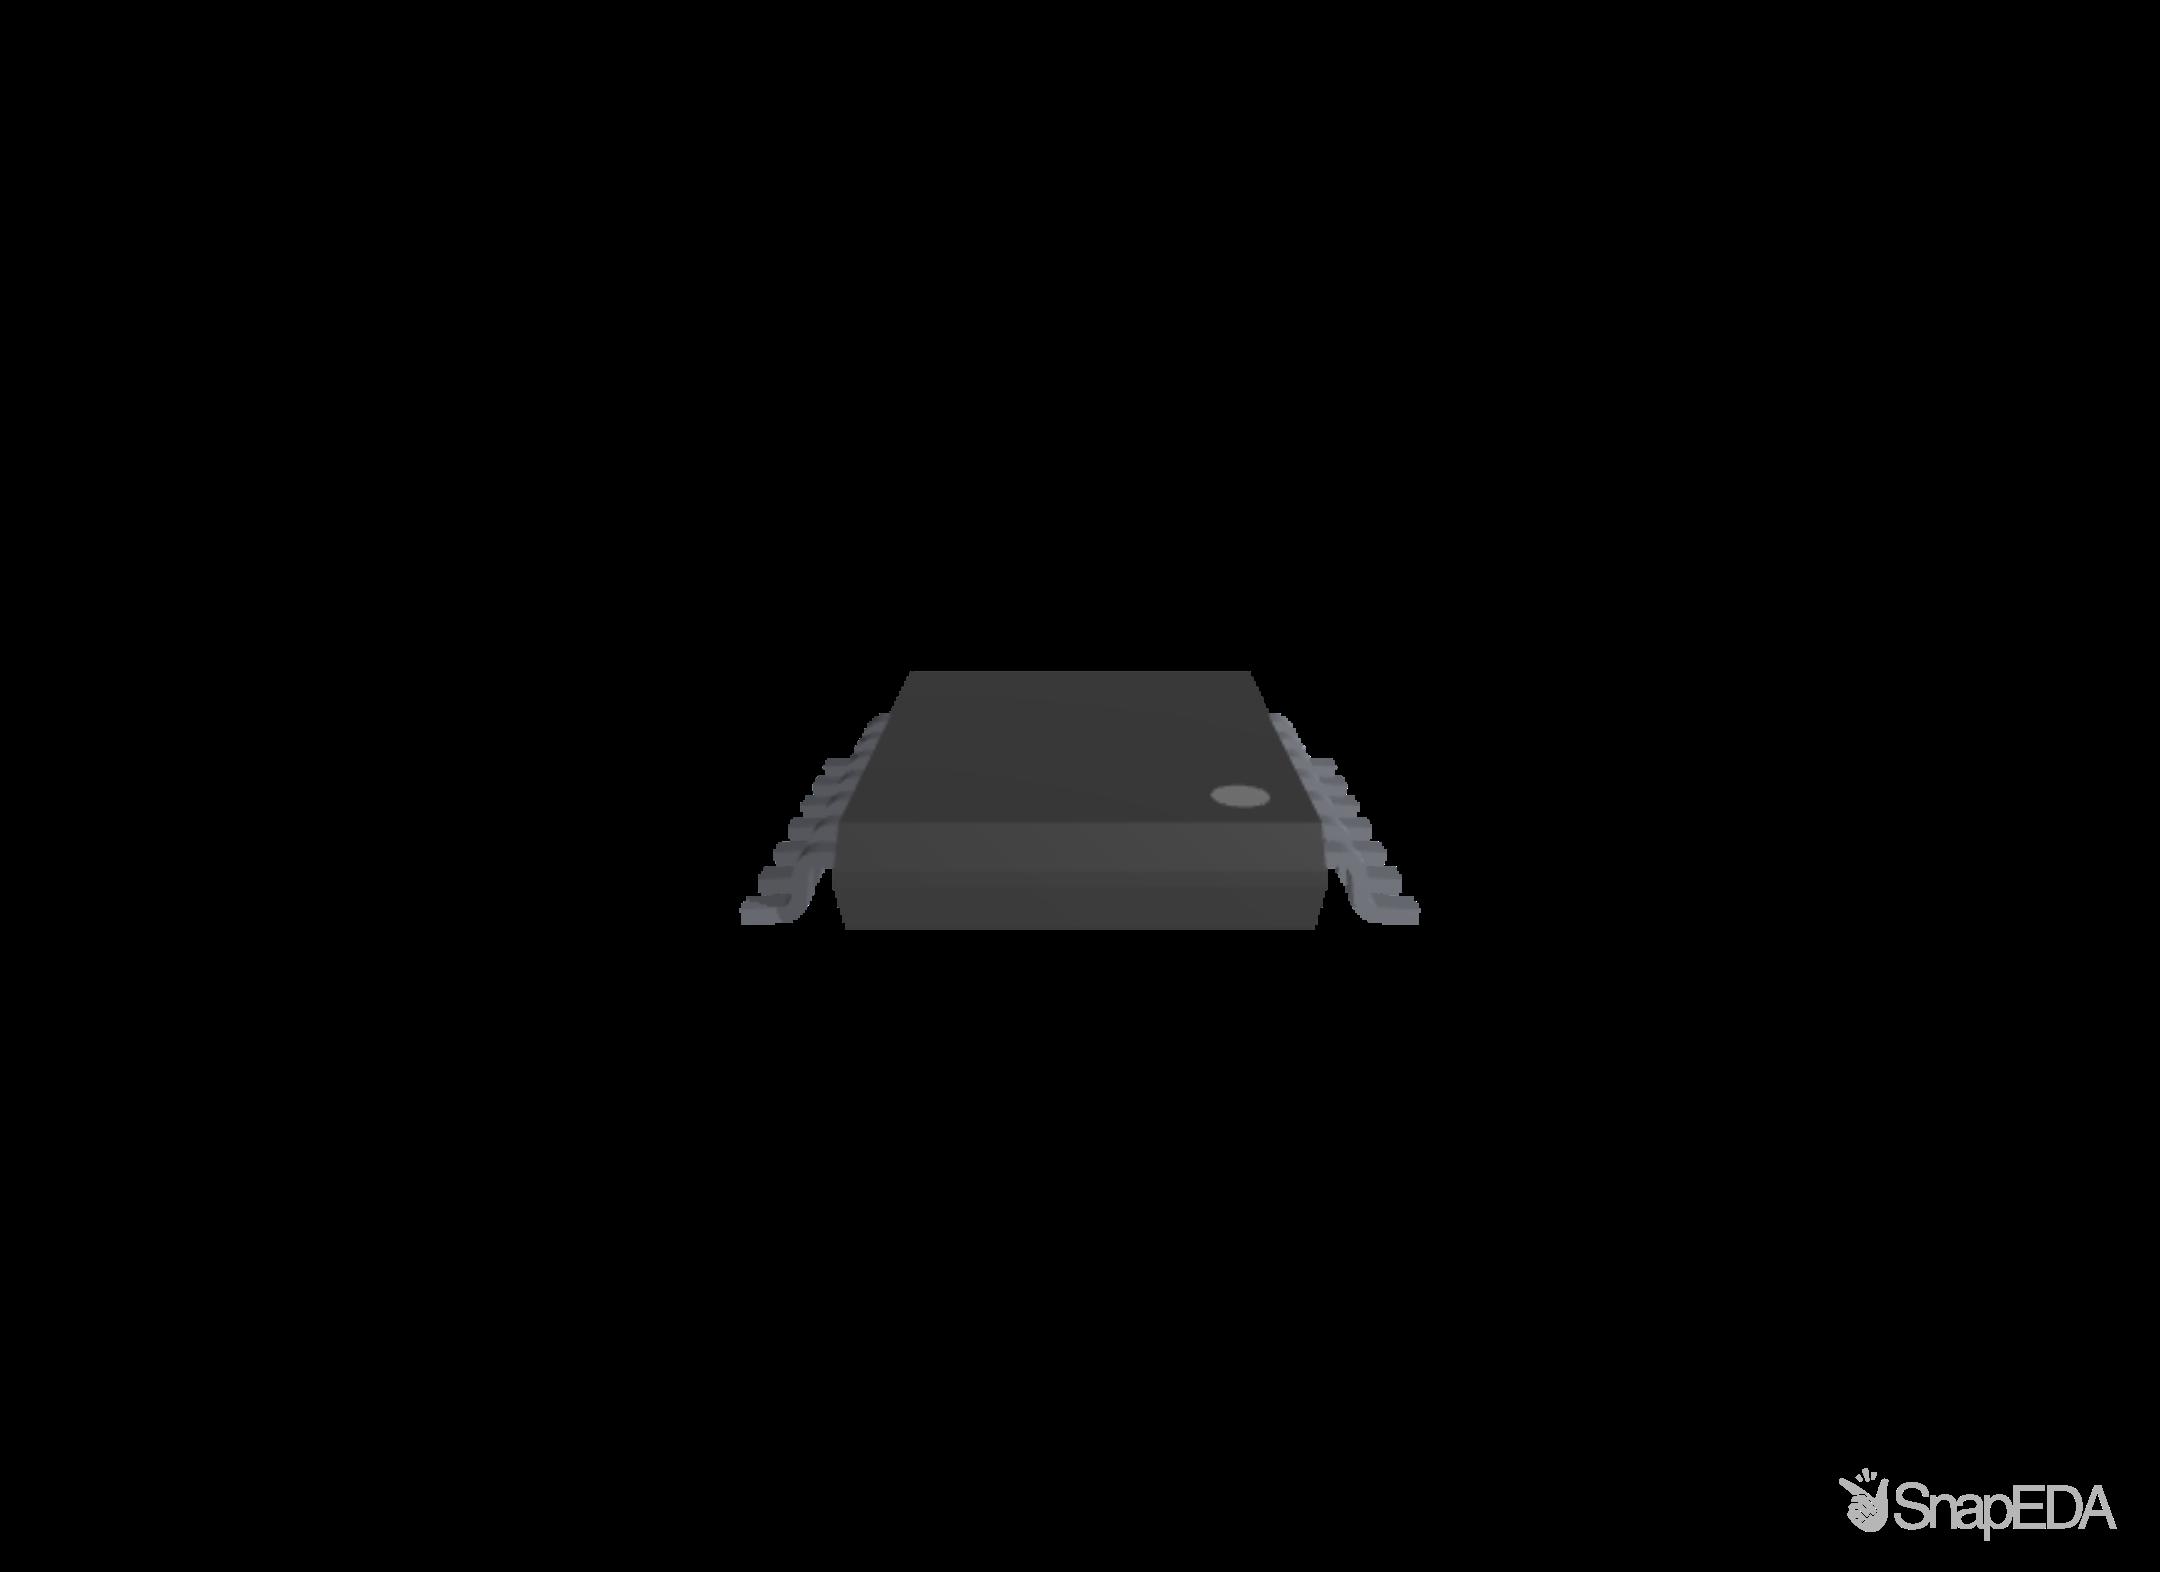 SN74LVC08APWR 3D Model